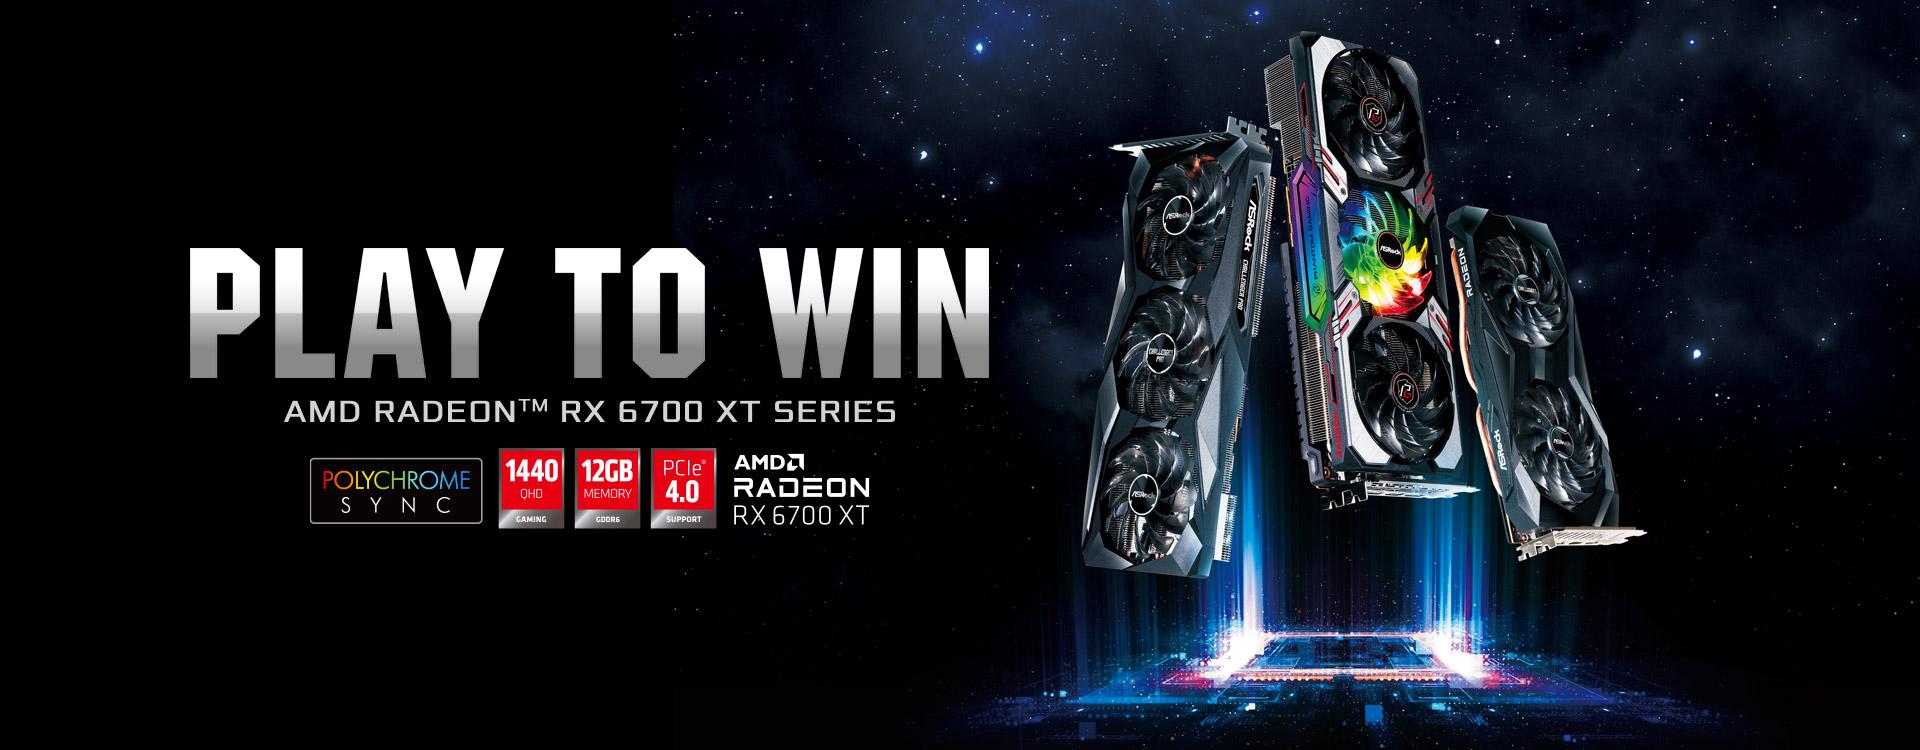 ASRock Memperkenalkan Varian Custom dari AMD Radeon RX 6700 XT